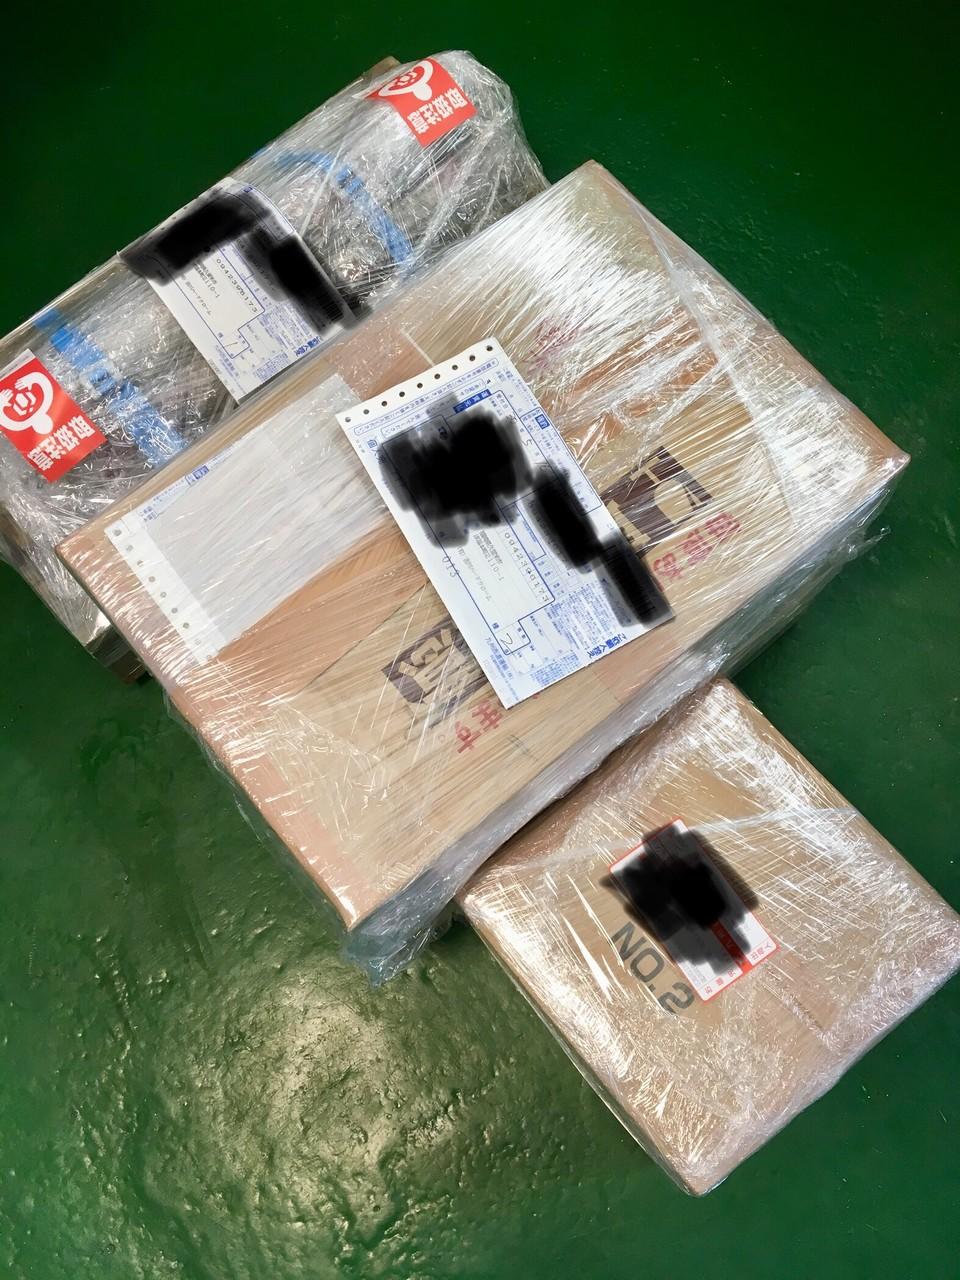 AC20AF43-8010-4122-80E7-72D83401B393